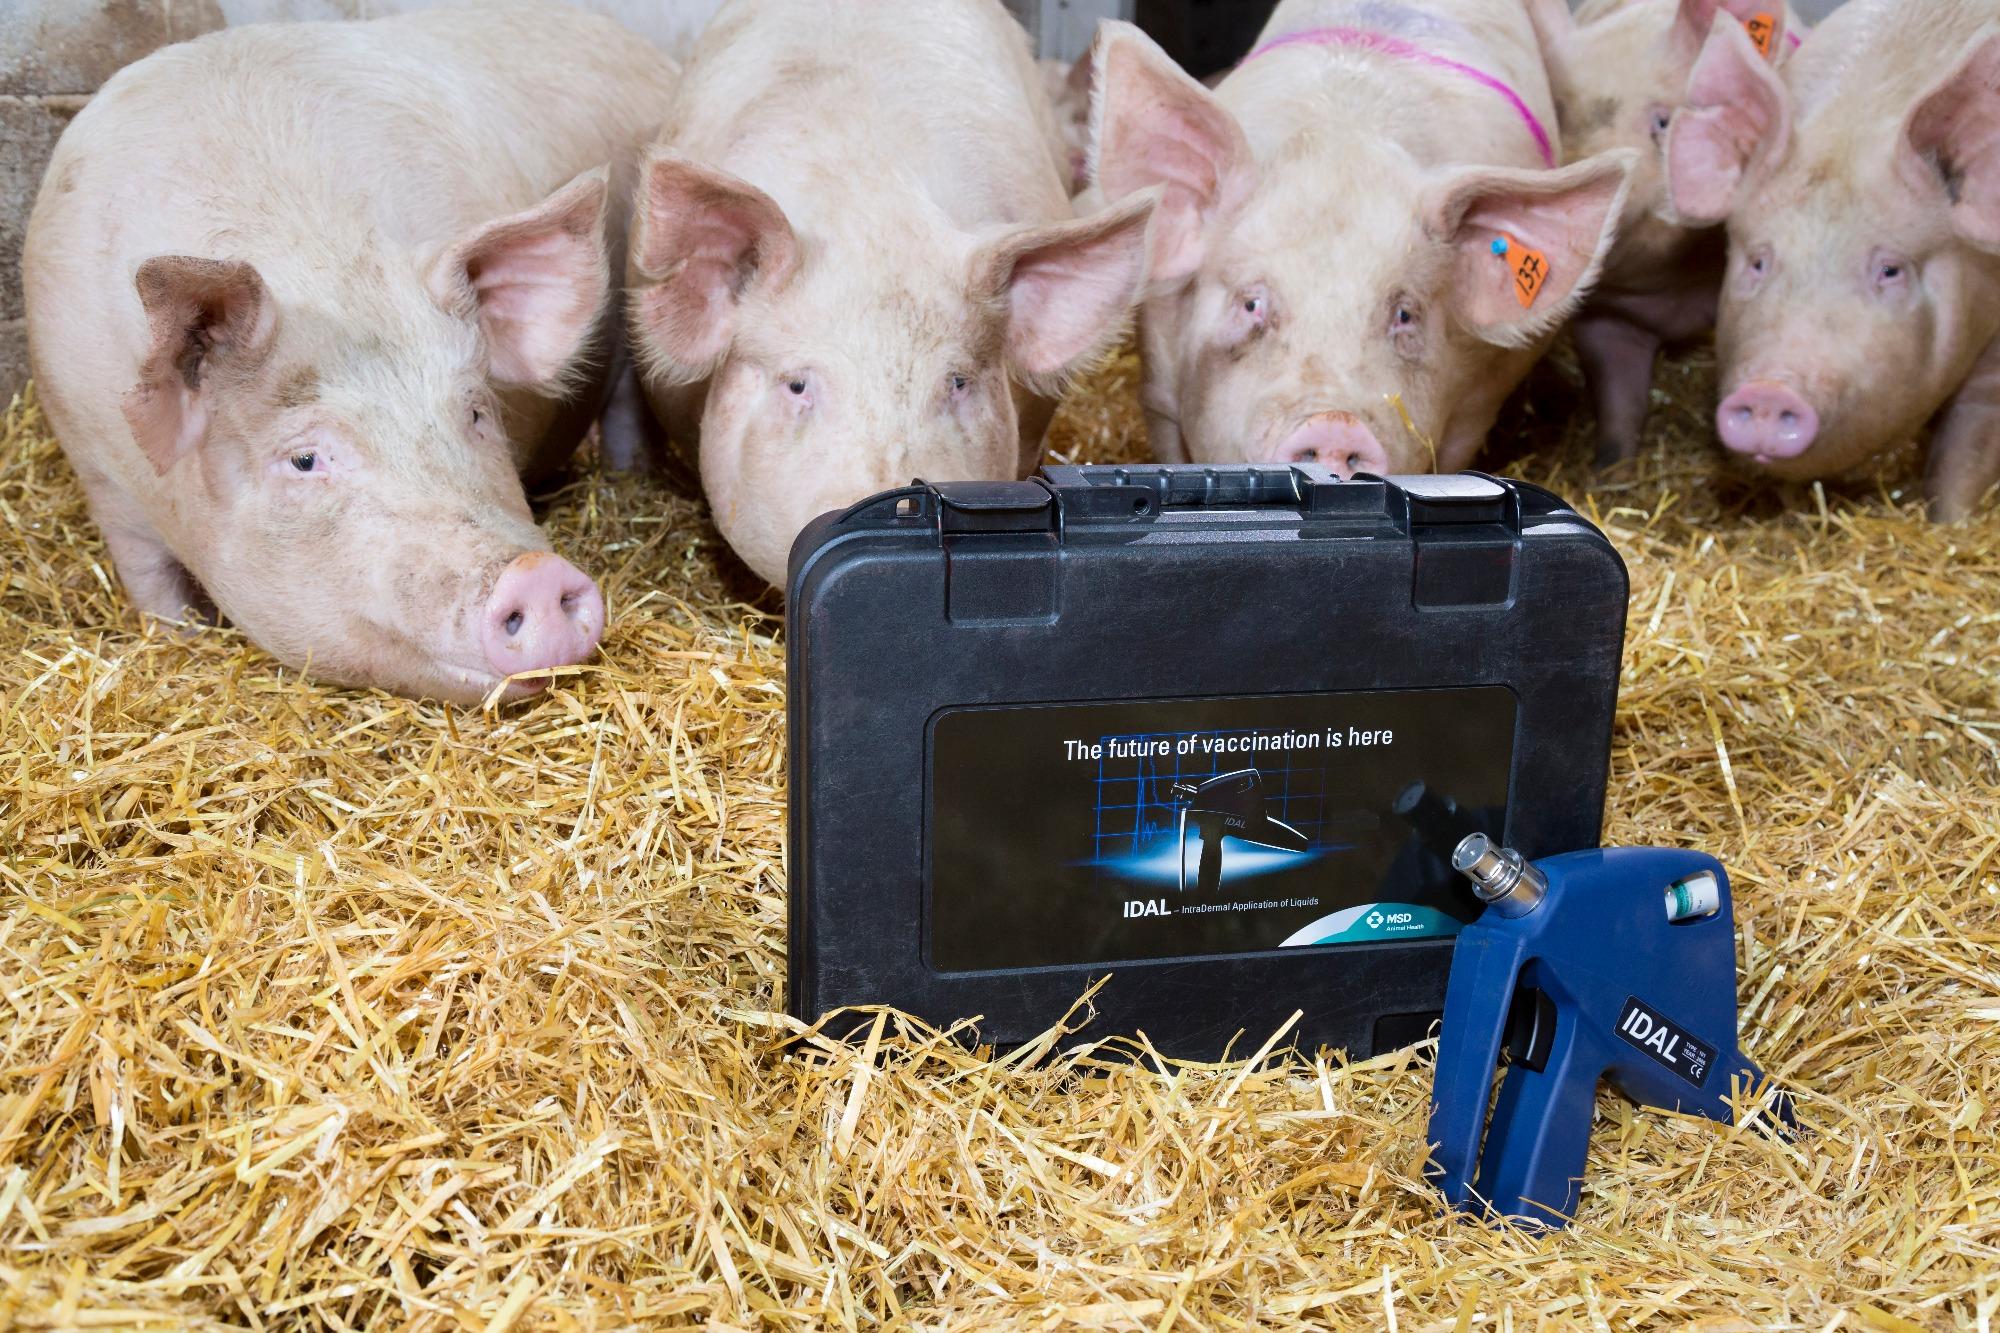 d5bdbdea8e5 Vacinação intradérmica sem agulha para suínos chega ao Brasil